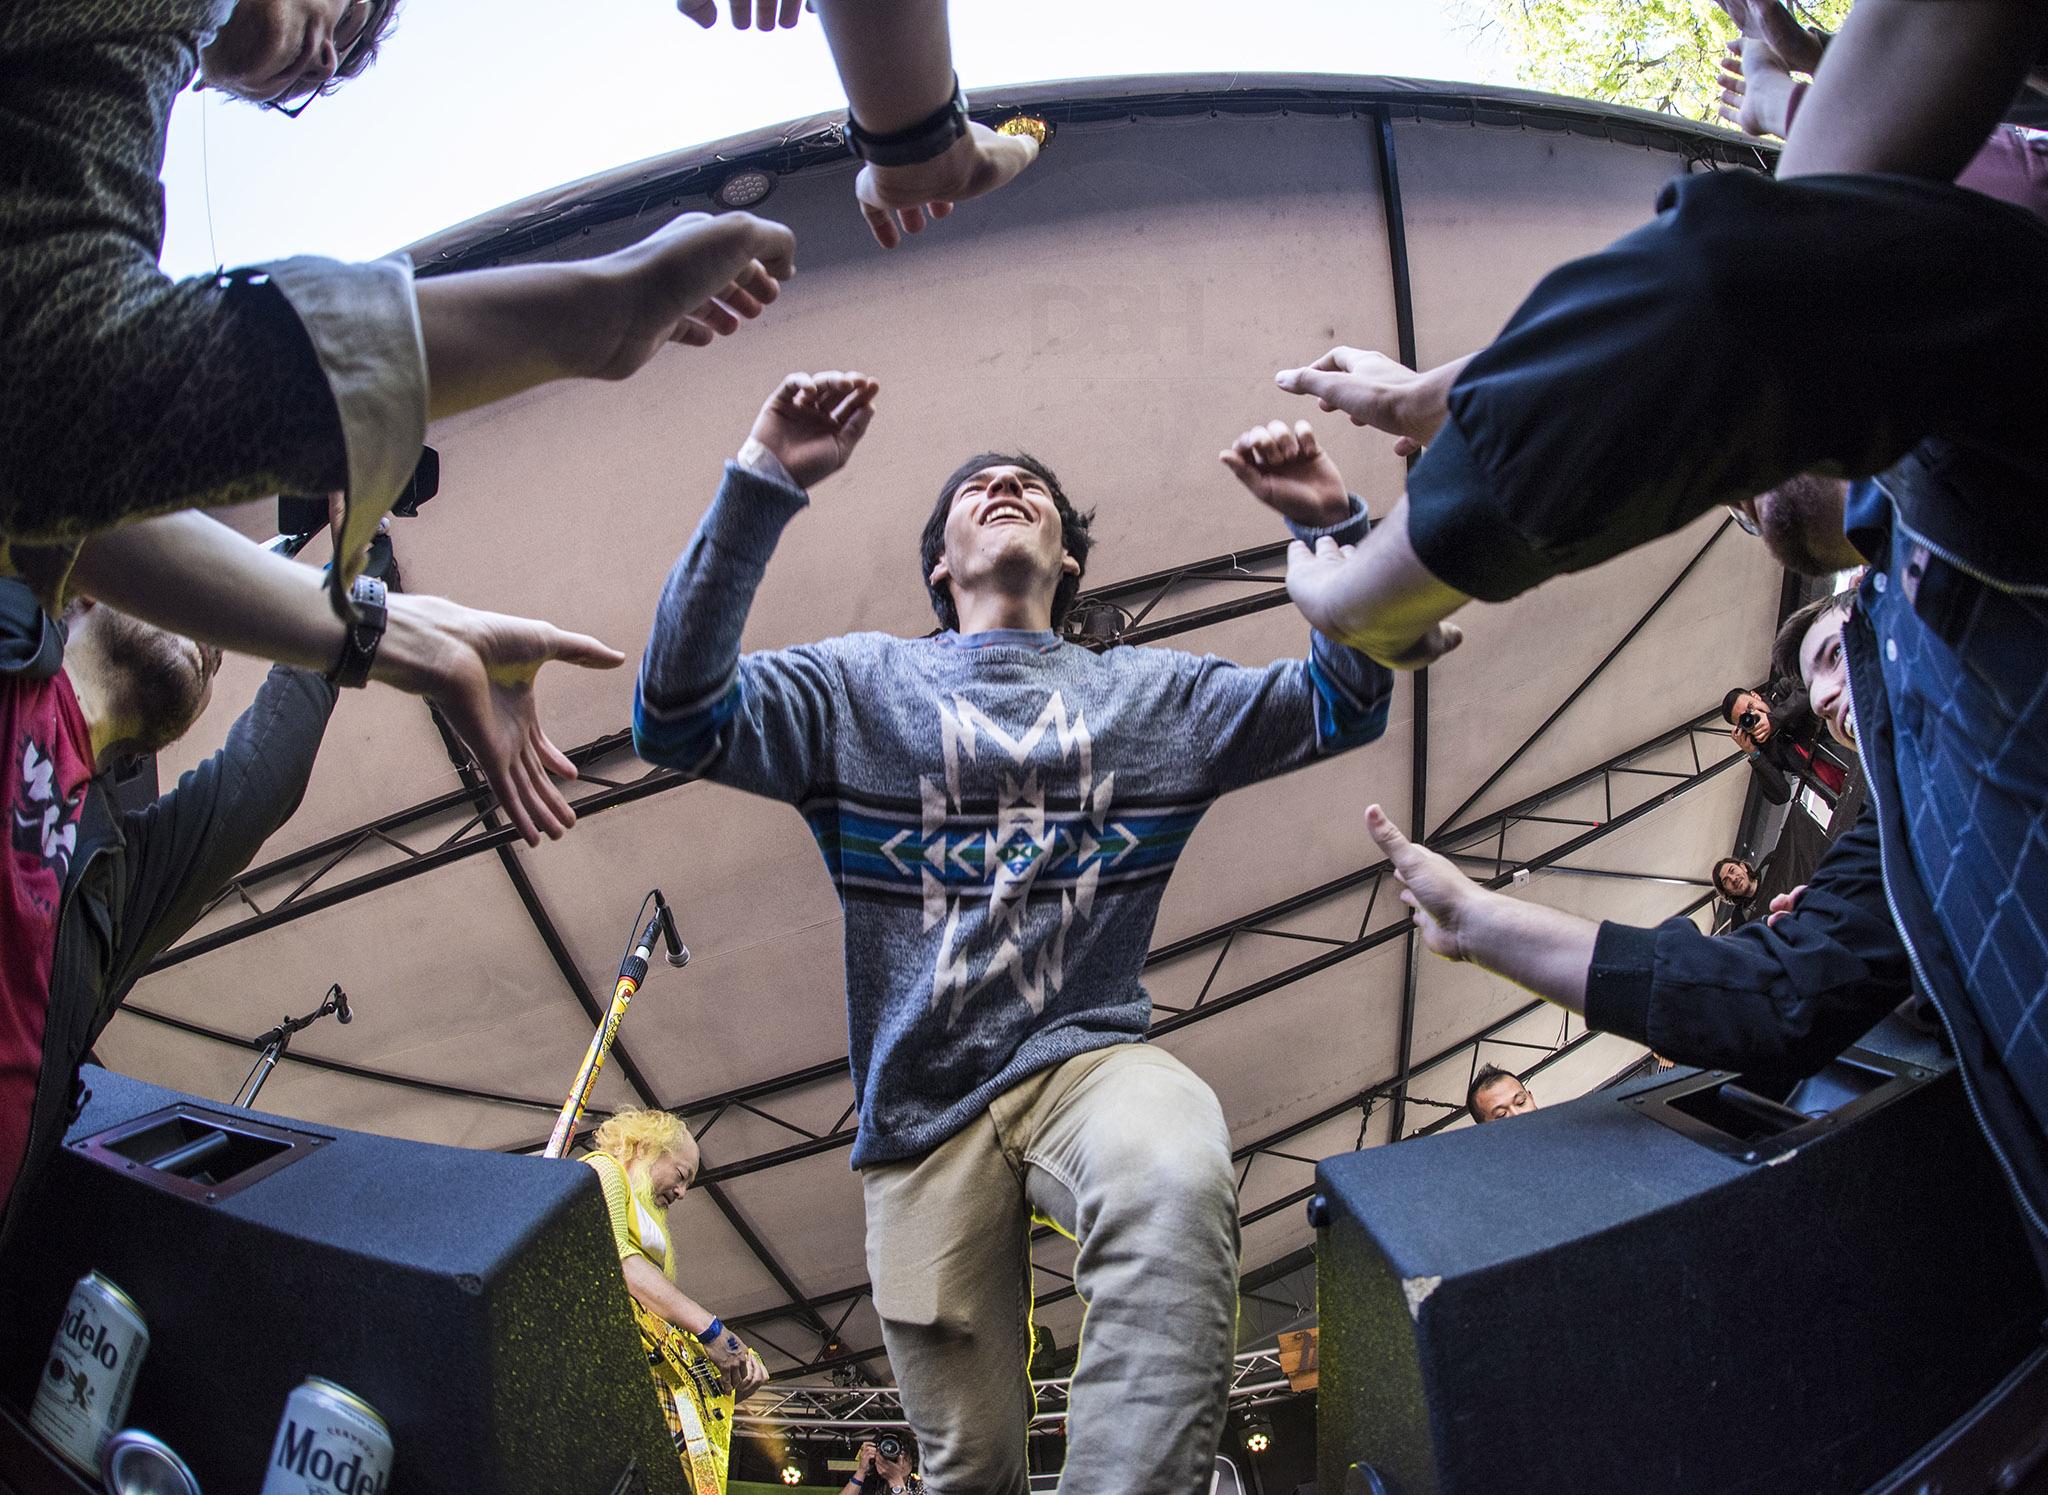 stage-diver at Peelander-Z